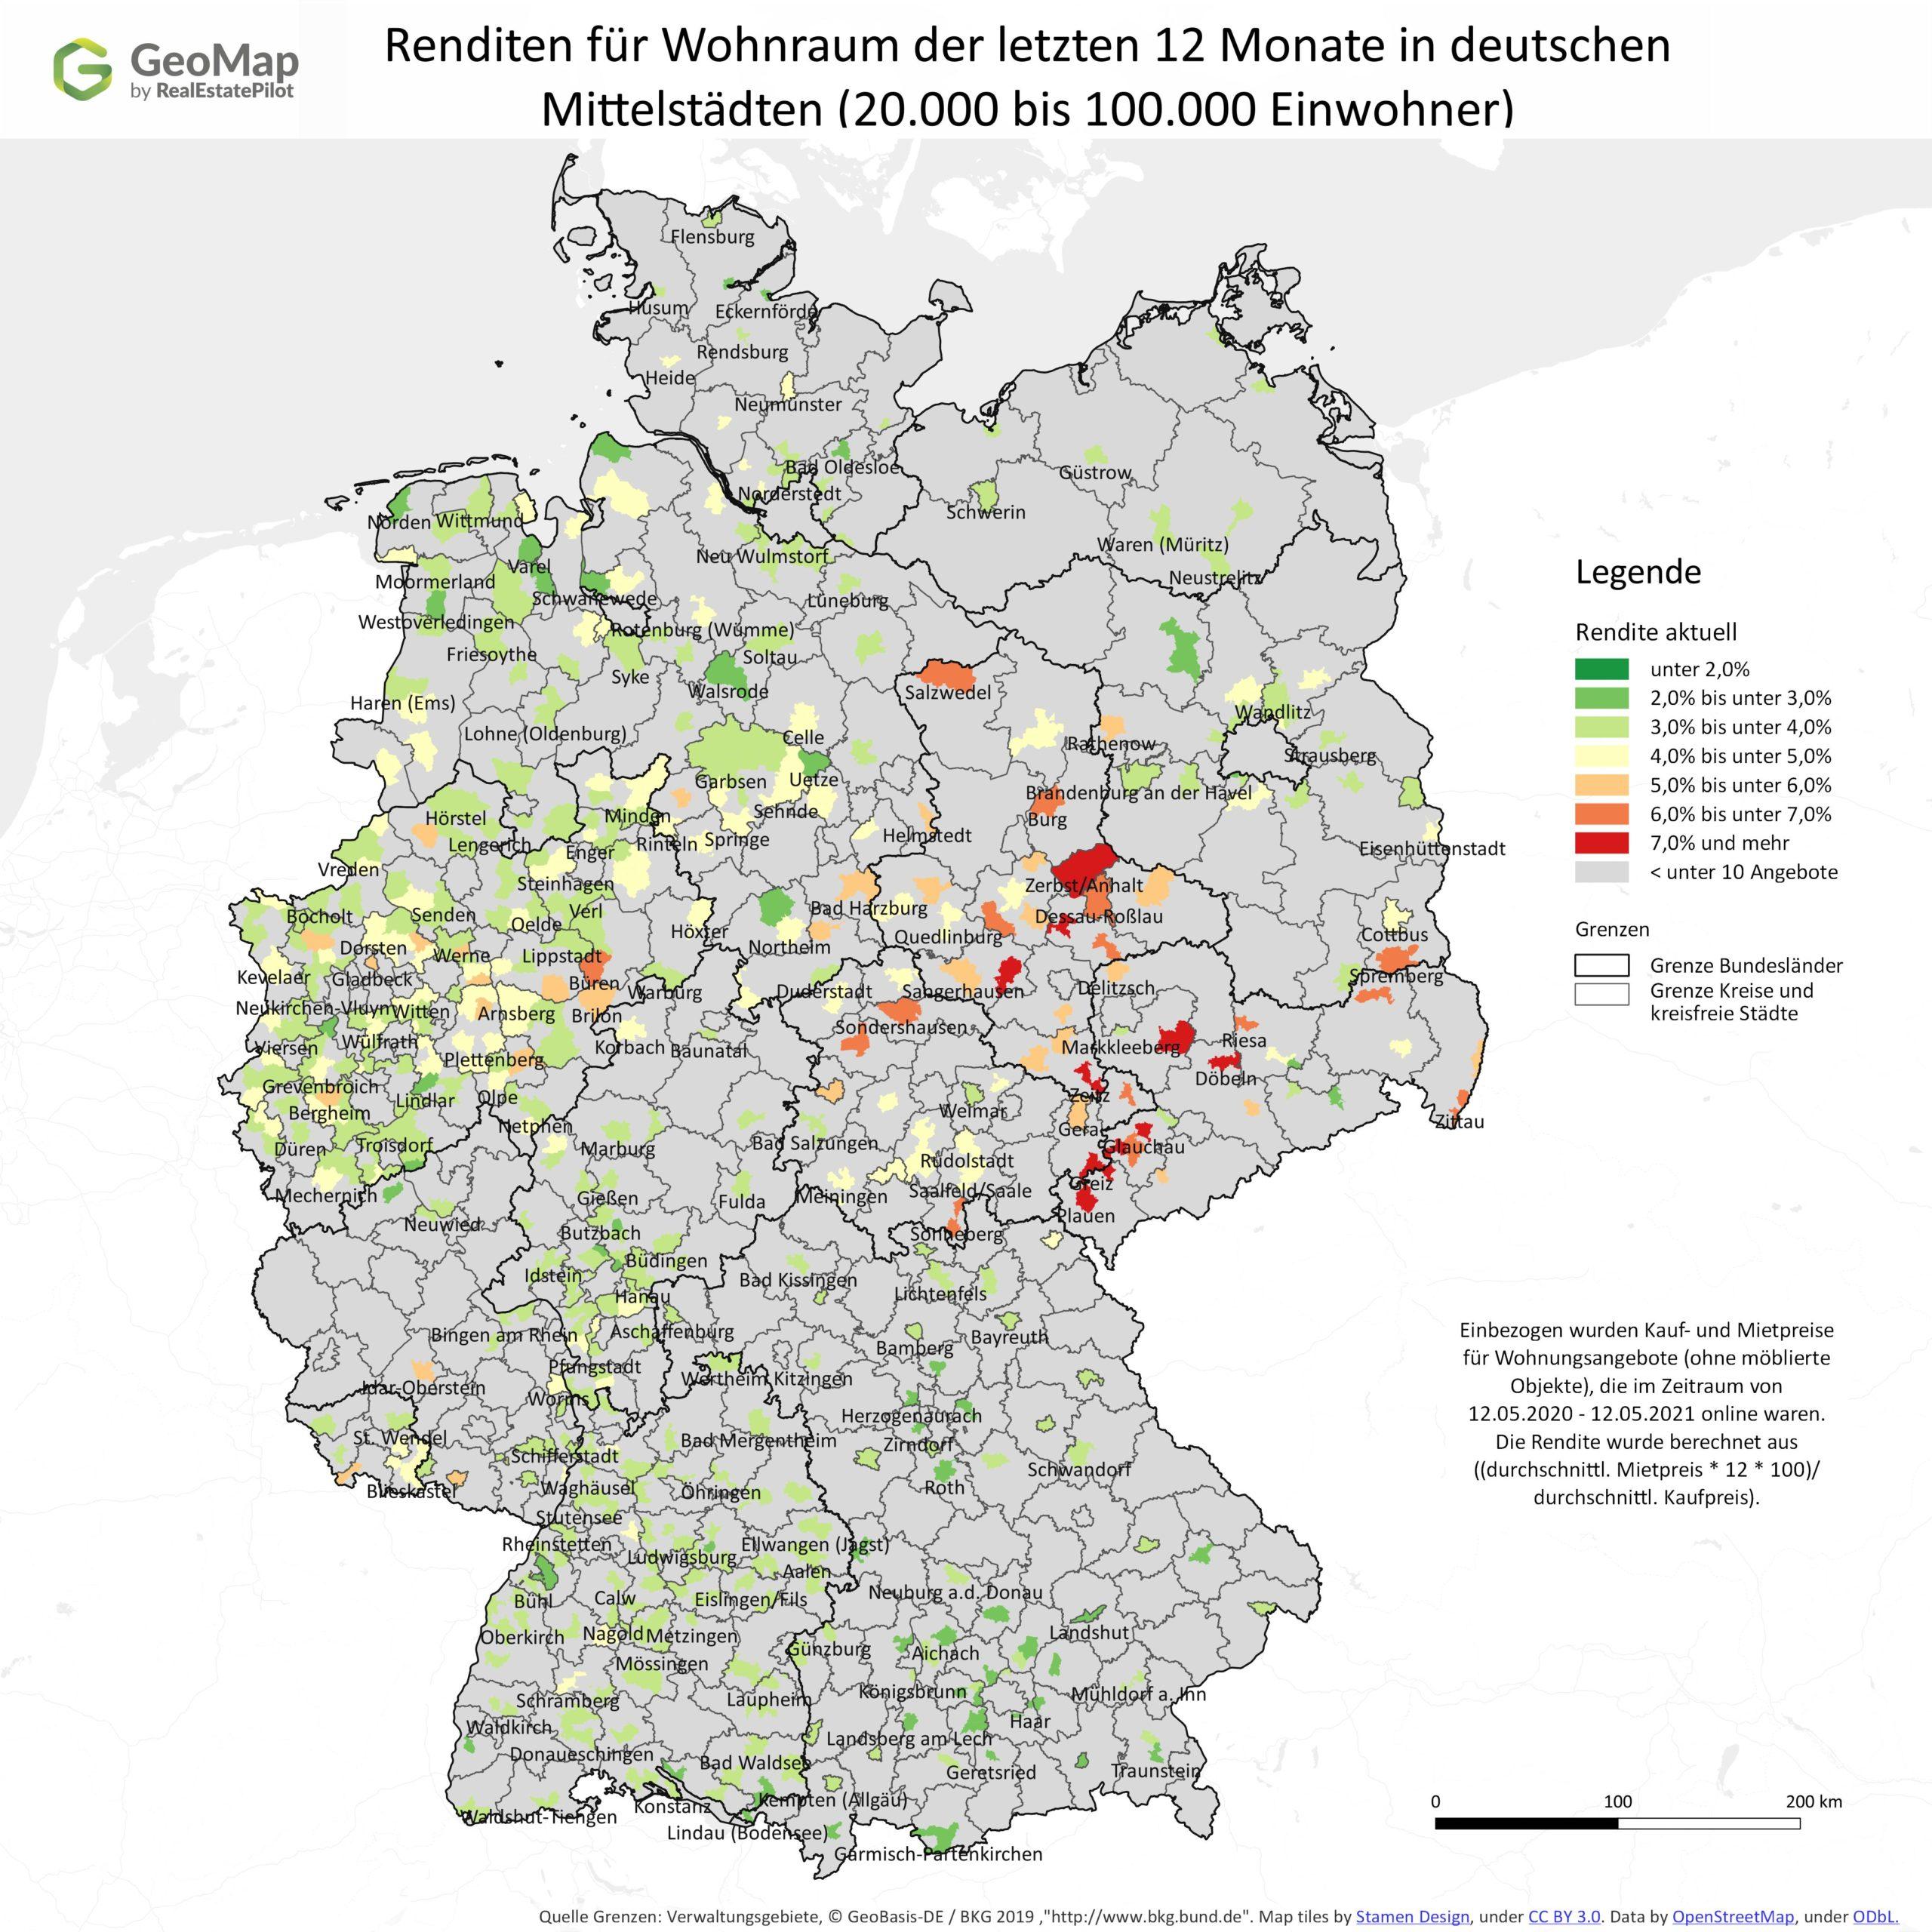 GeoMap-Mittelstädte_Rendite